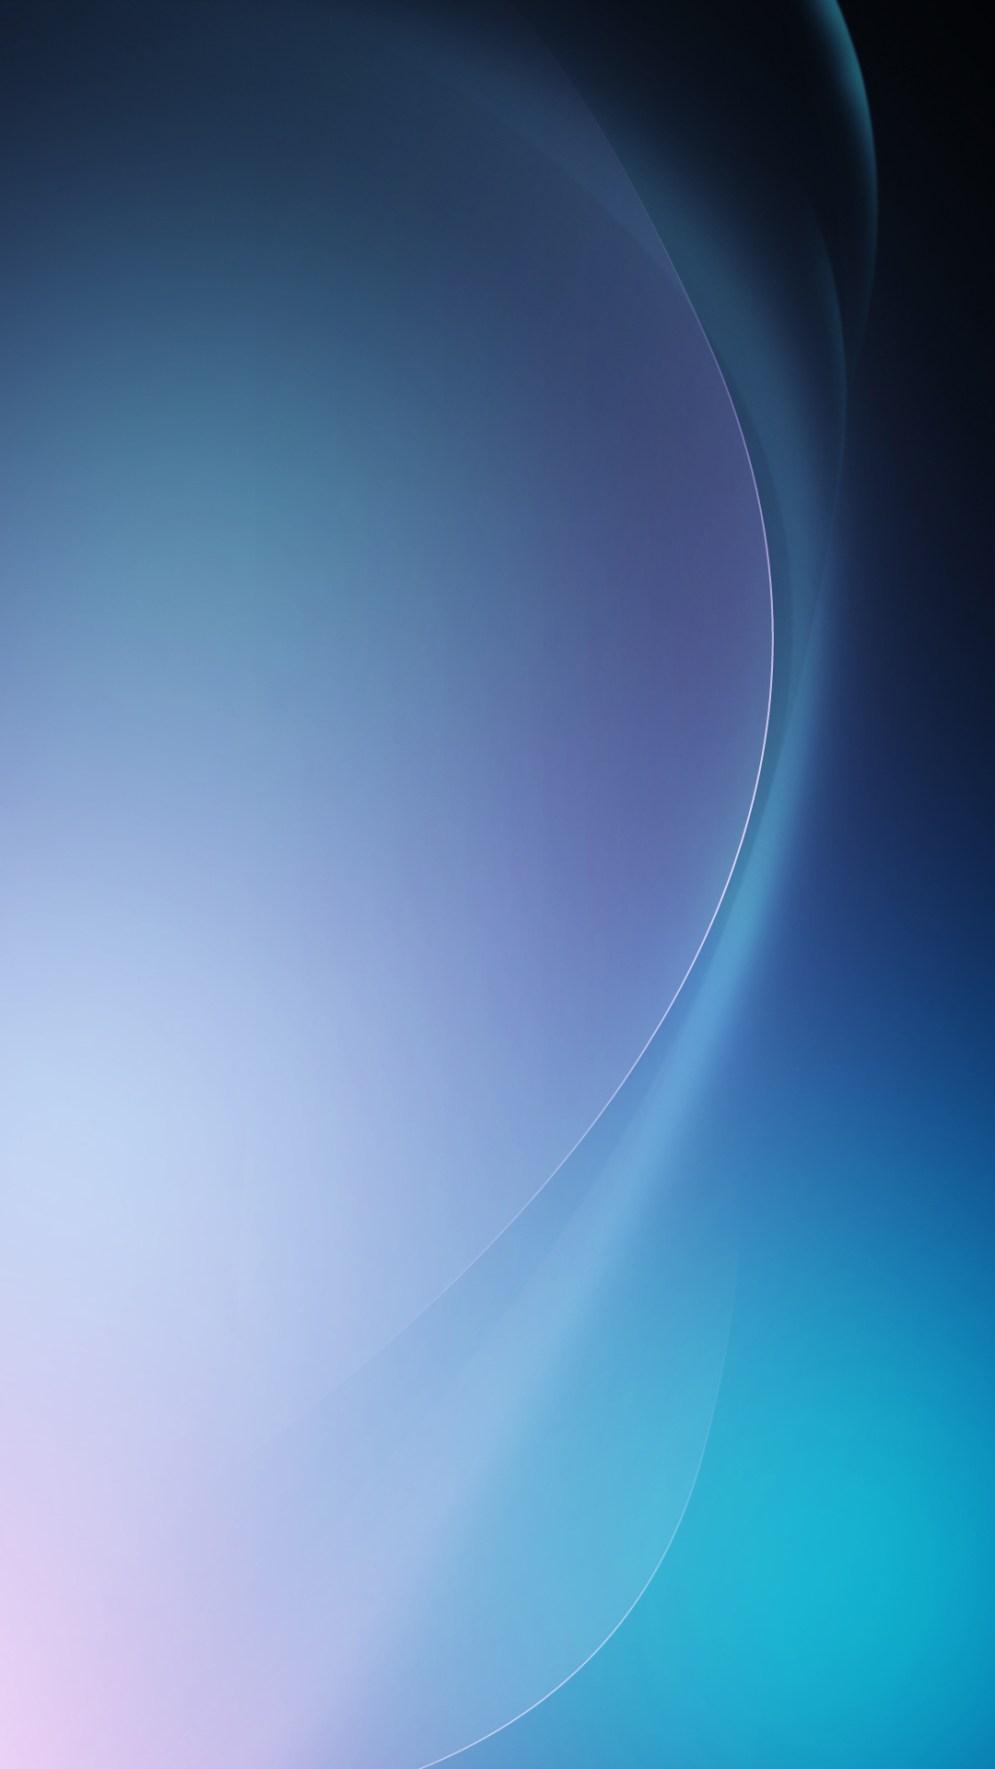 Unduh 1000+ Wallpaper Abstrak Keren Android HD Paling Keren